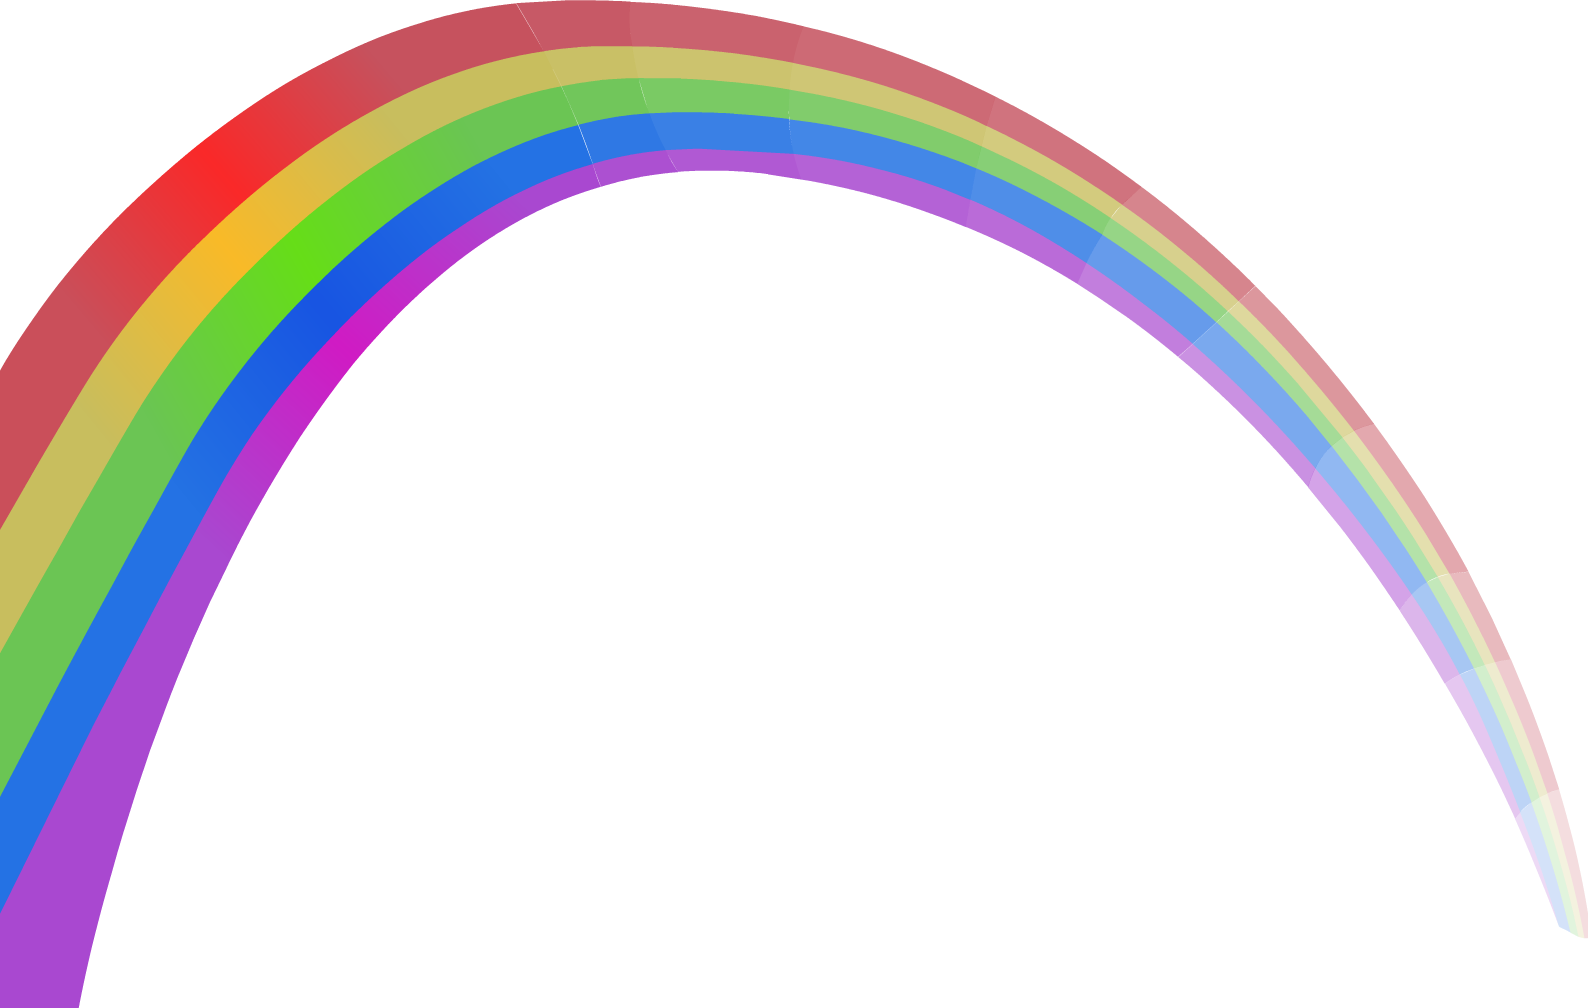 Rainbow Euclidean vector Sky.